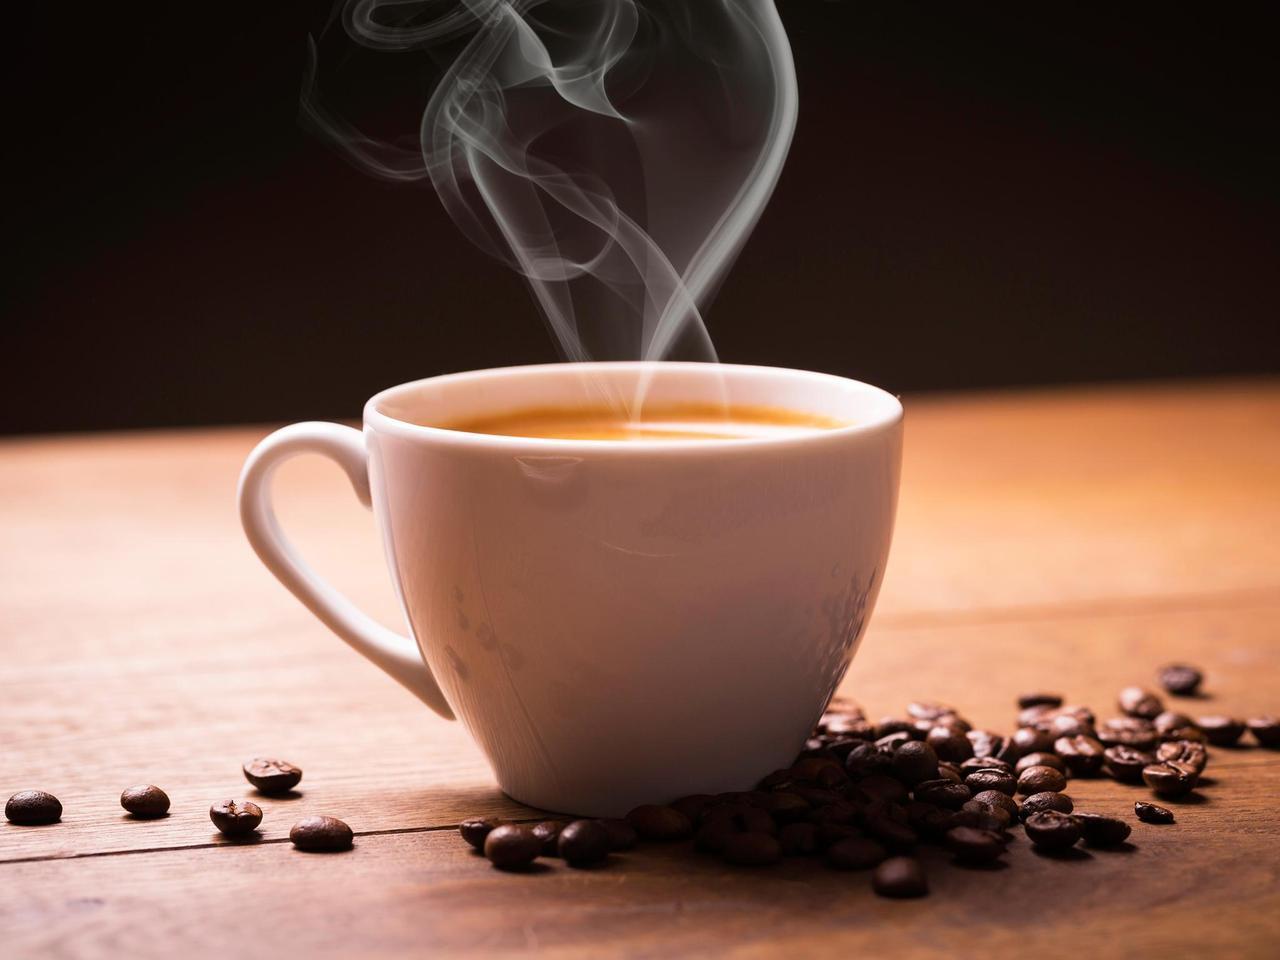 جامعة نوتنغهام: قهوة الصباح تخفف الوزن وتحرق الدهون